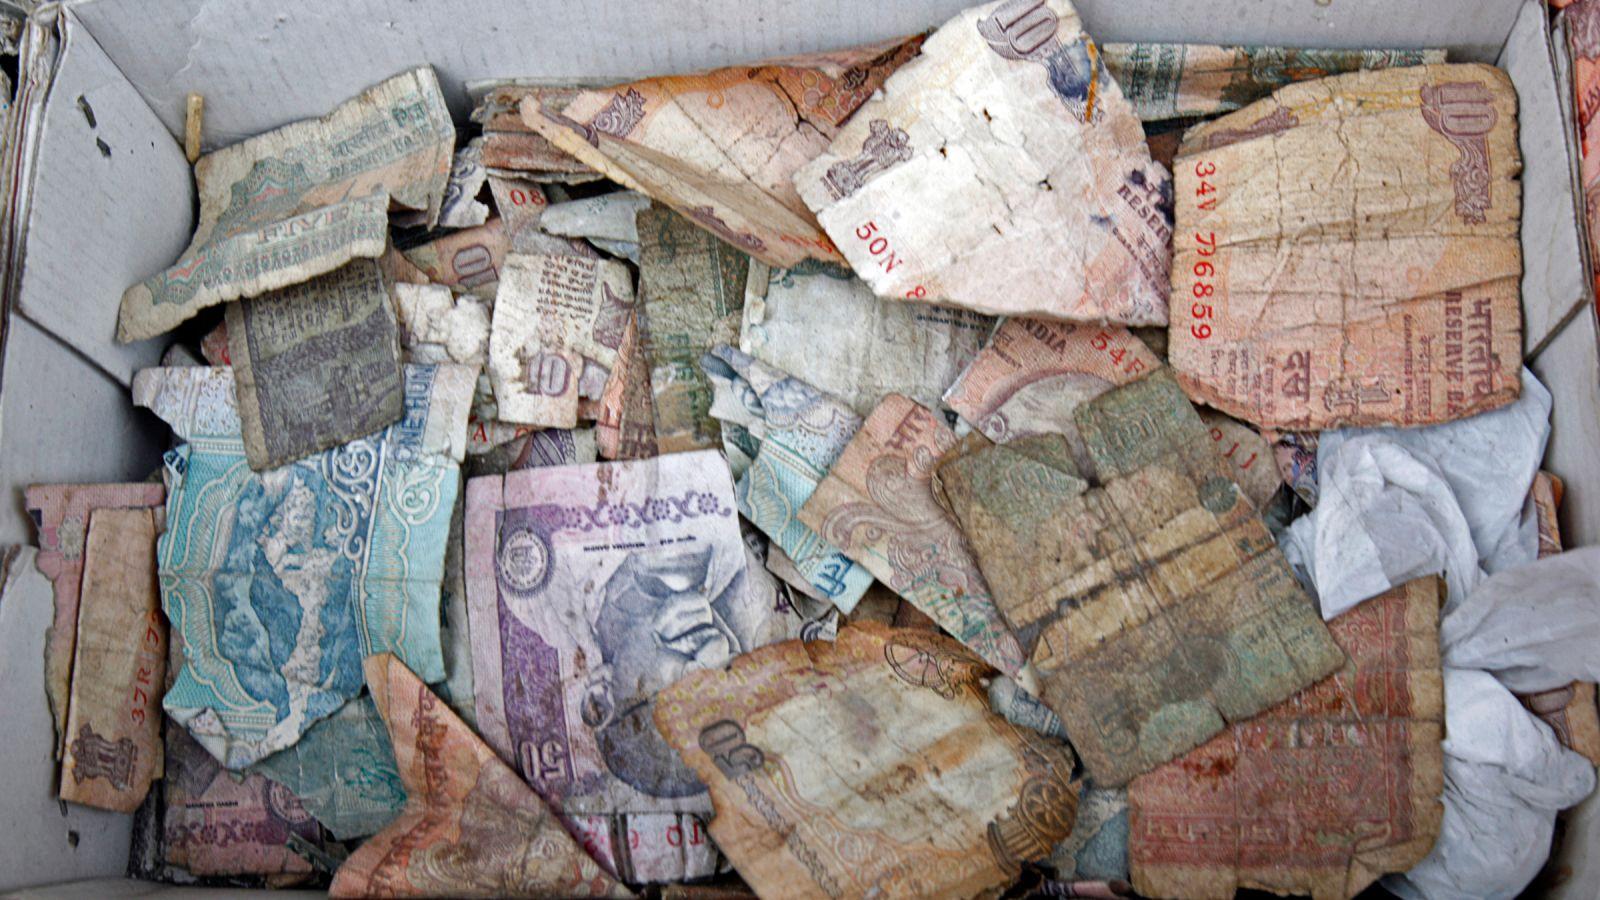 बिना किसी संदेह के अब बदलिए अपने कटे- फटे ख़राब नोट फ्री में वो भी किसी भी बैंक के ब्रांच से